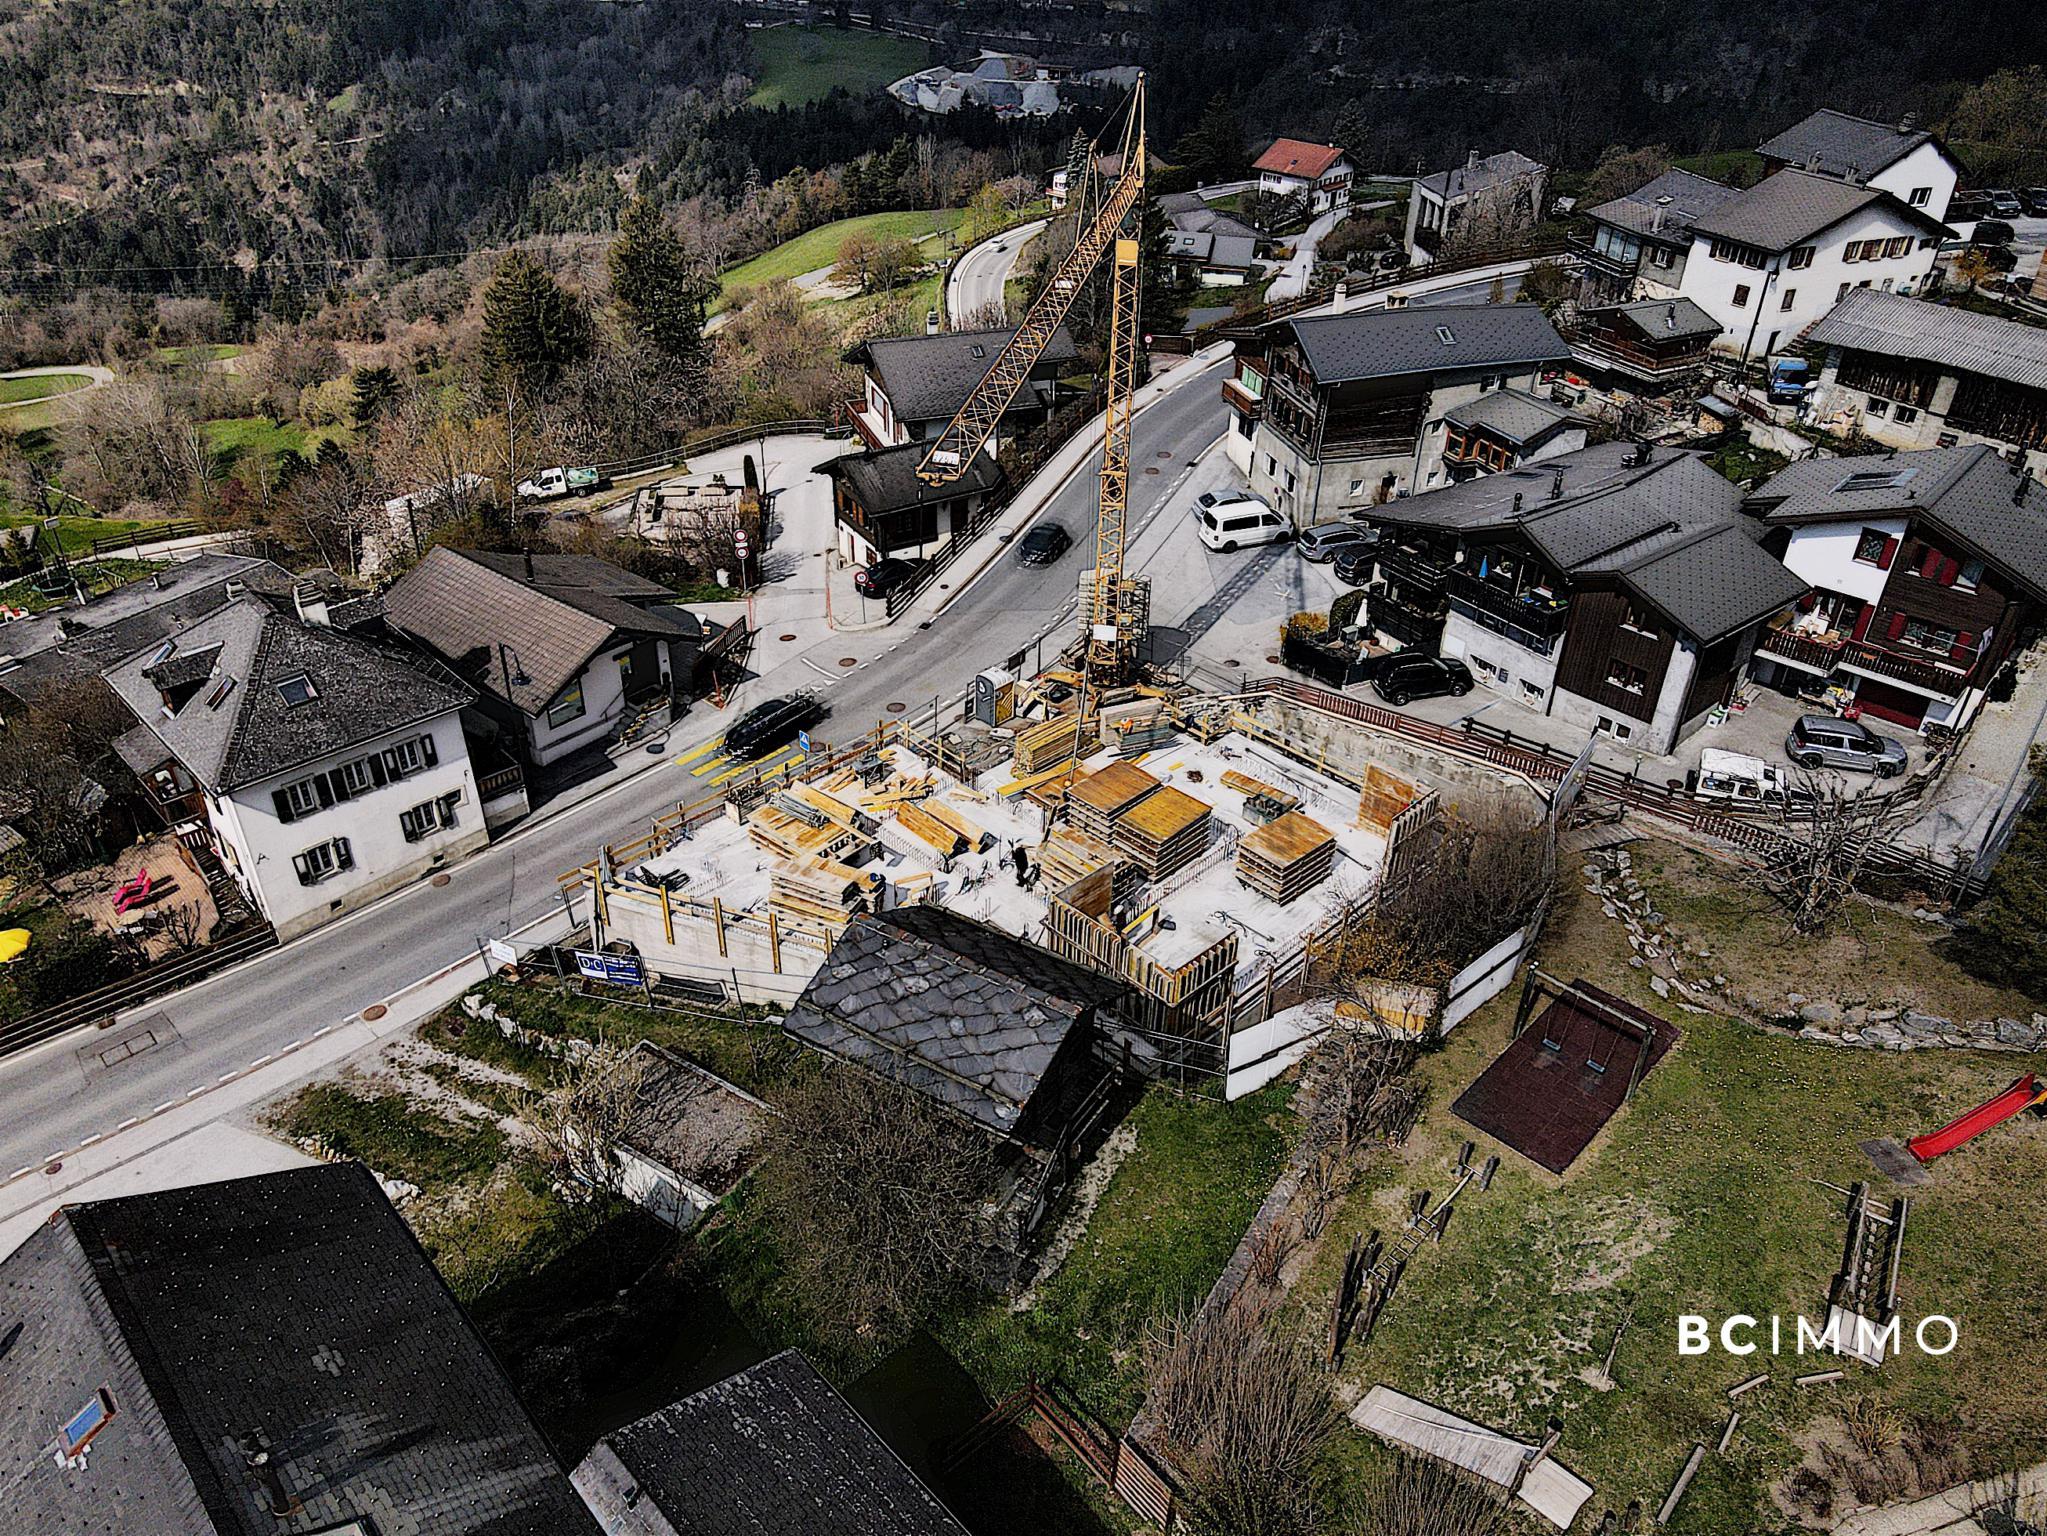 BC Immo - La Maison d'Adrien - Rez-de-chaussée 2.5 - DCA2ICO77